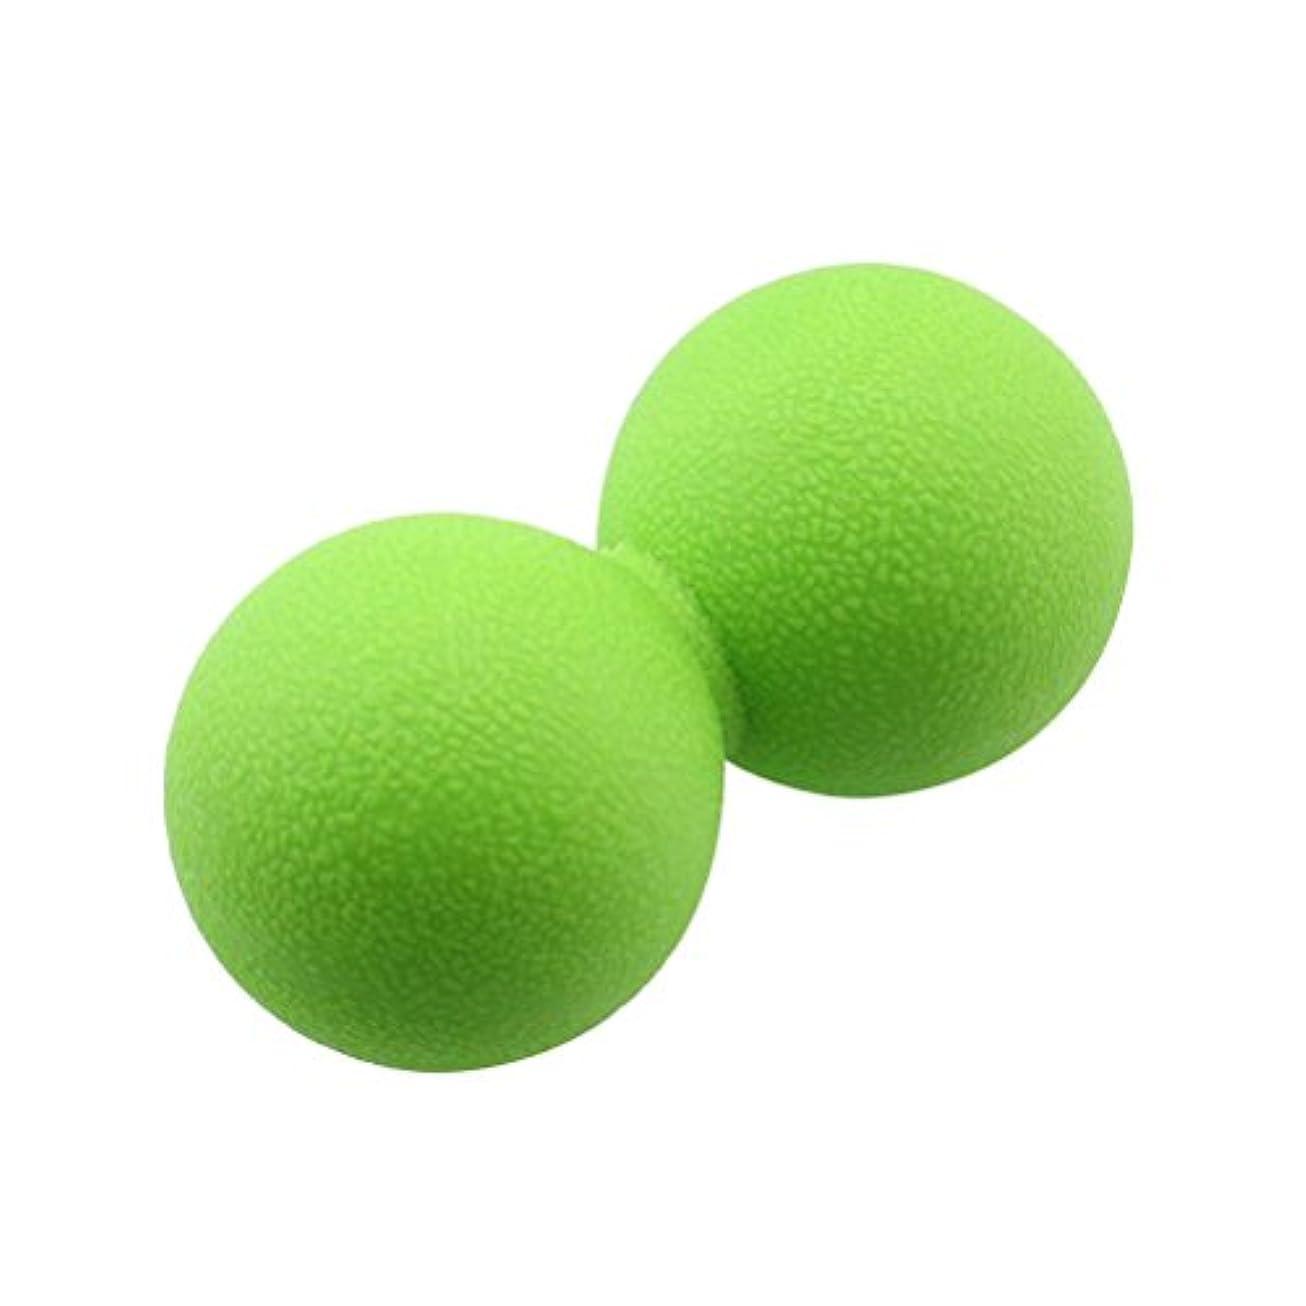 とげのあるマーベル掃除VORCOOL マッサージボール ストレッチボール ハードタイプ トリガーポイント トレーニング 背中 肩こり 腰 ふくらはぎ 足裏 ツボ押しグッズ スーパーハードタイプ 筋肉痛を改善 運動前後(緑)